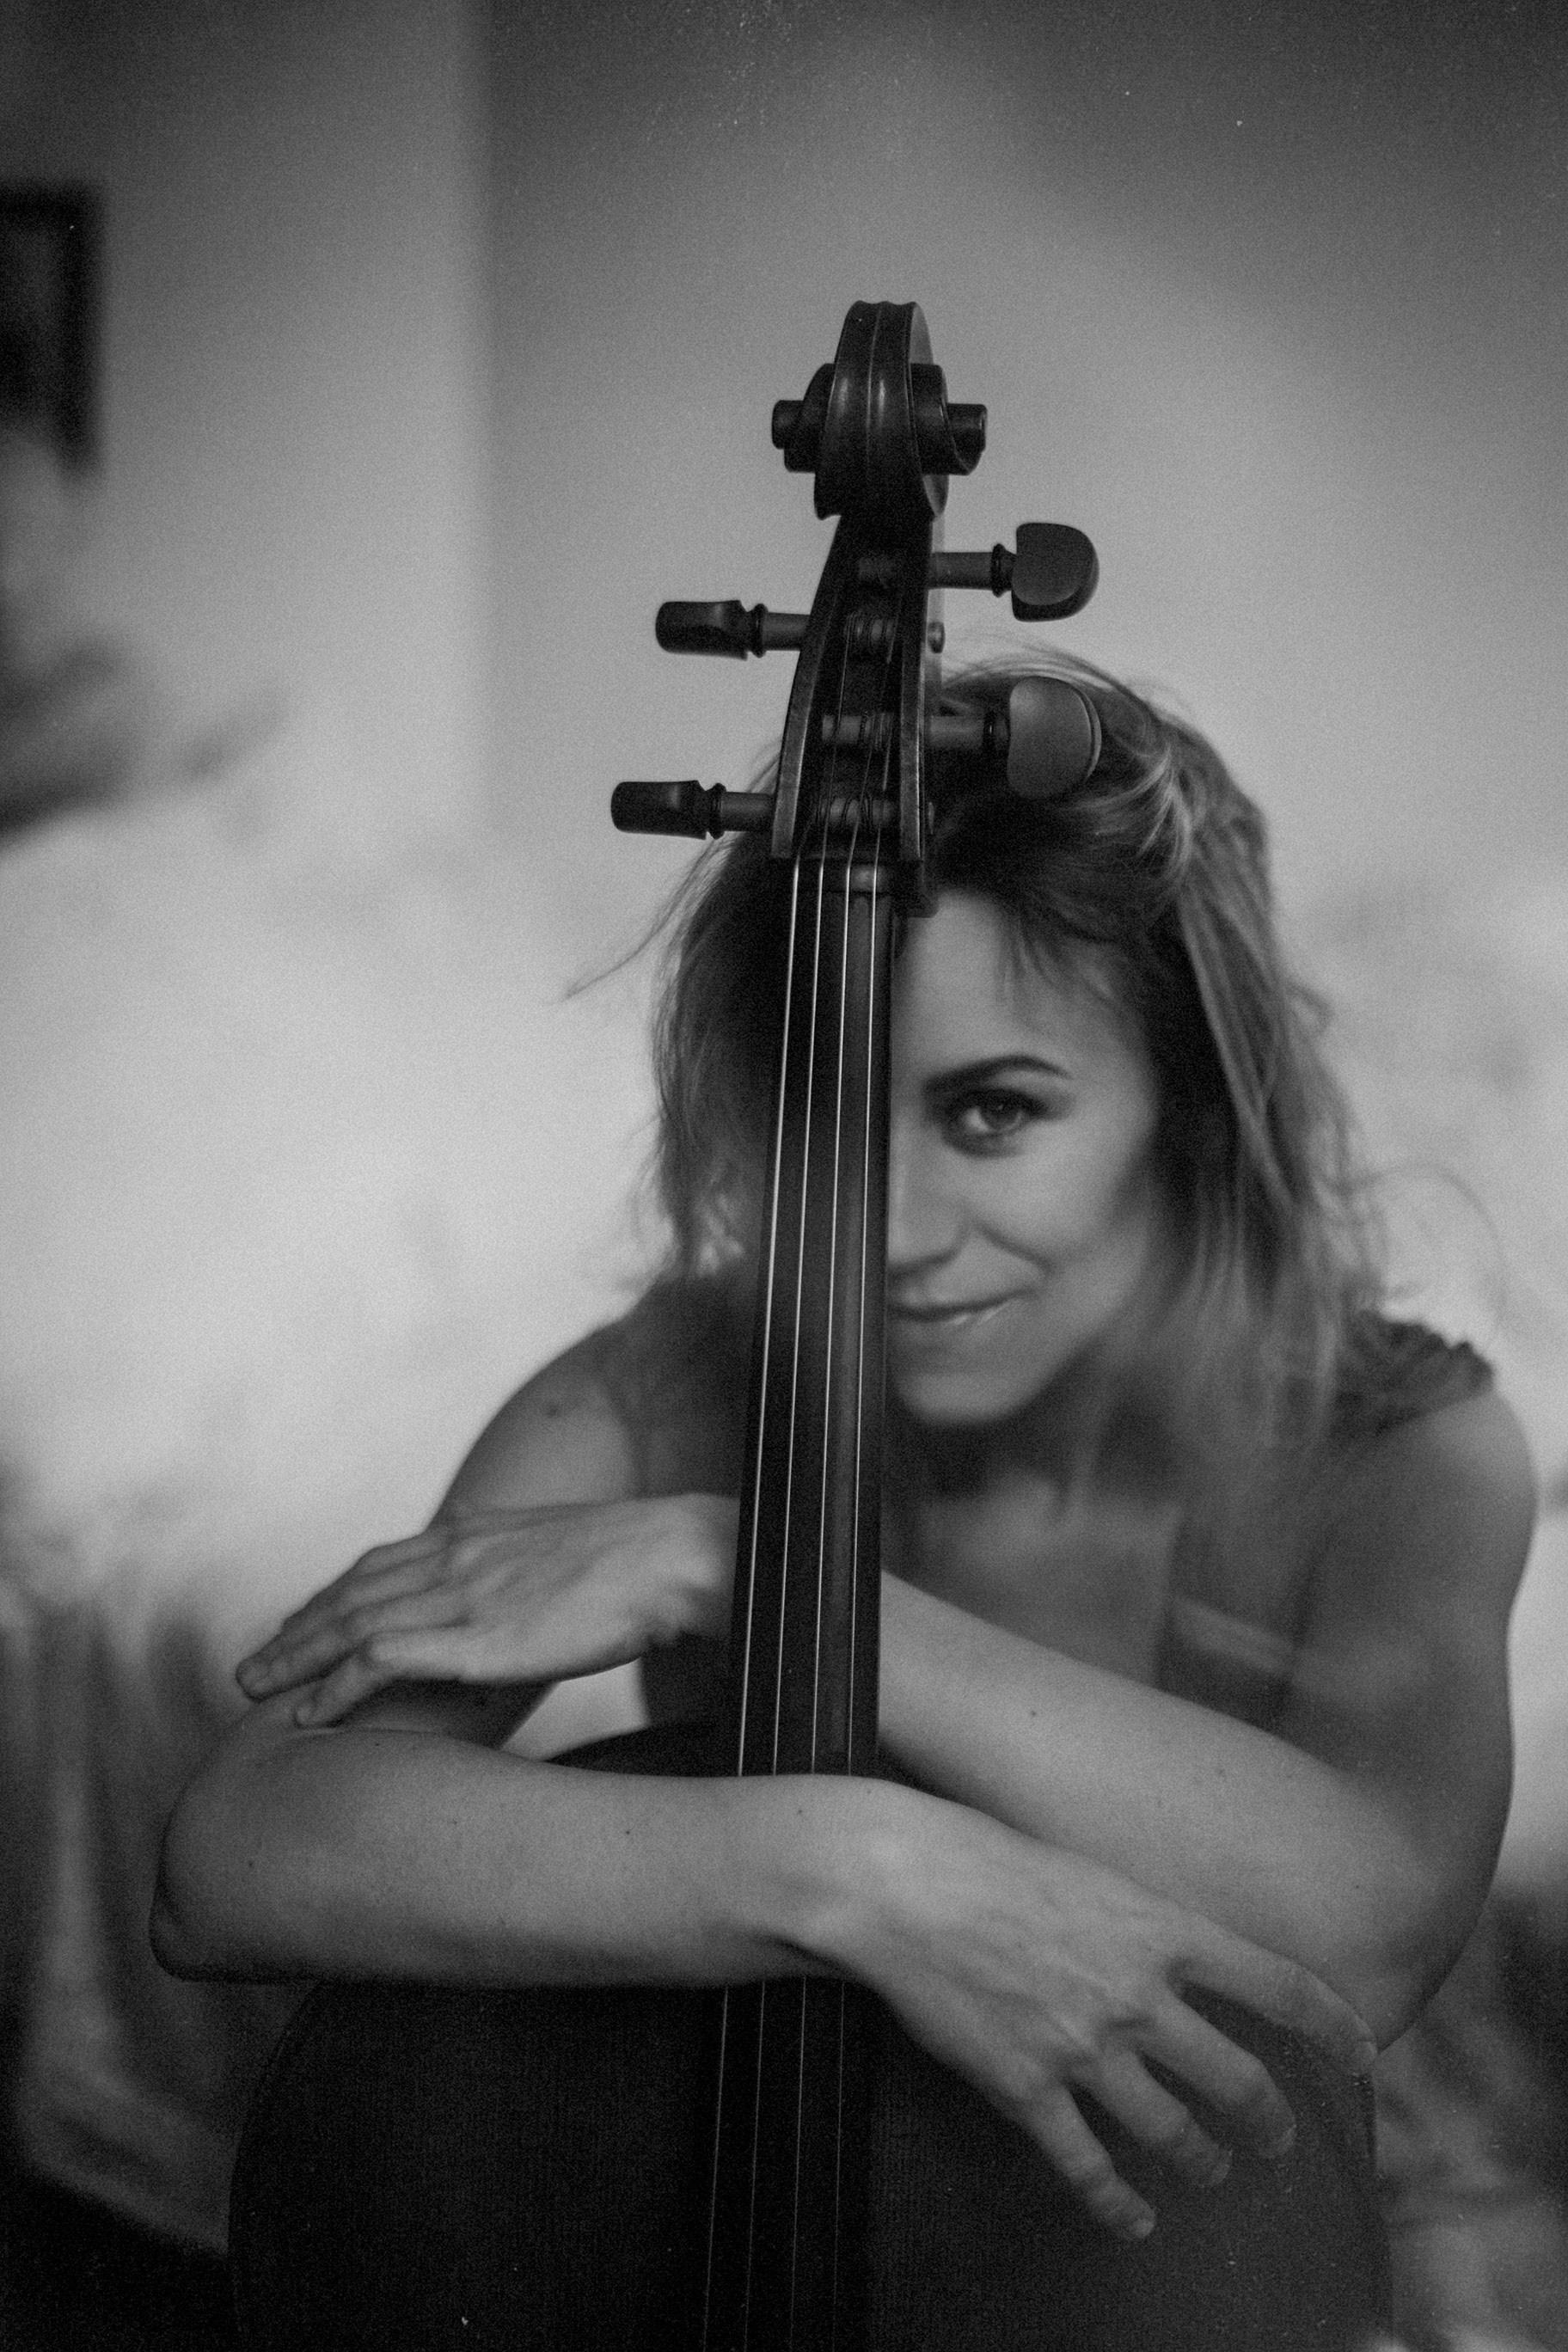 cello winner black